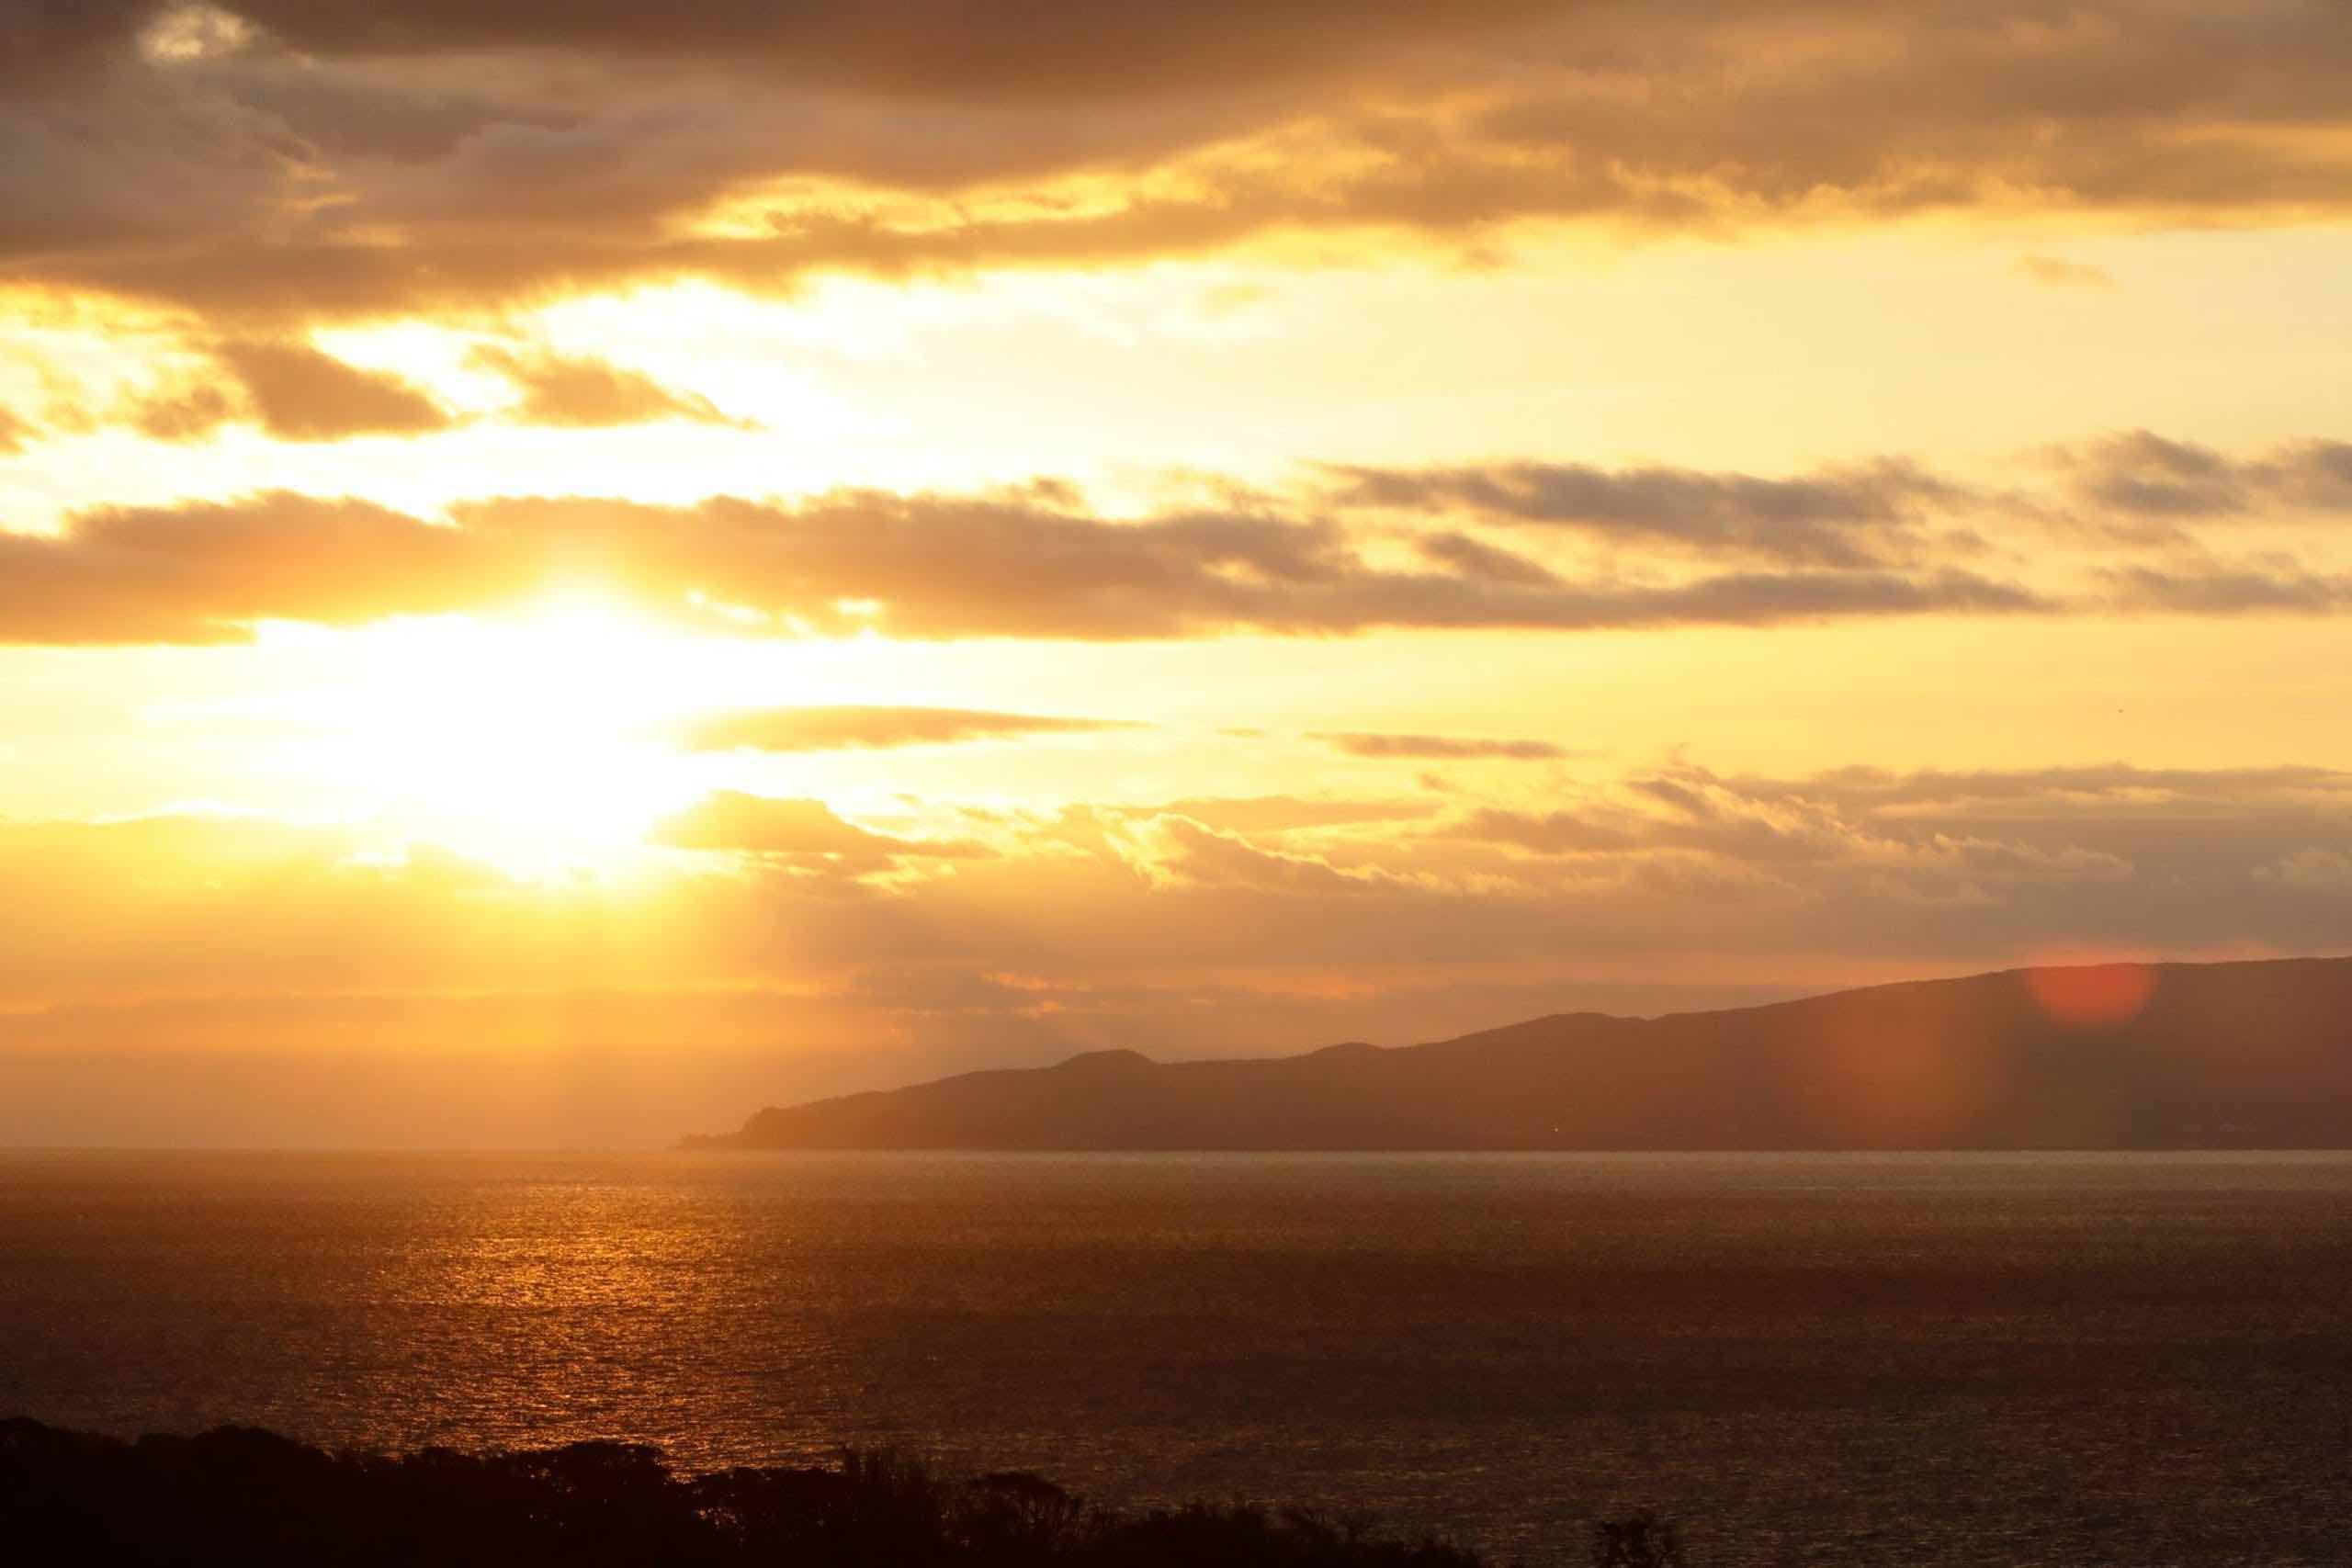 相撲湾と伊豆諸島の景色を楽しめる絶景湯宿